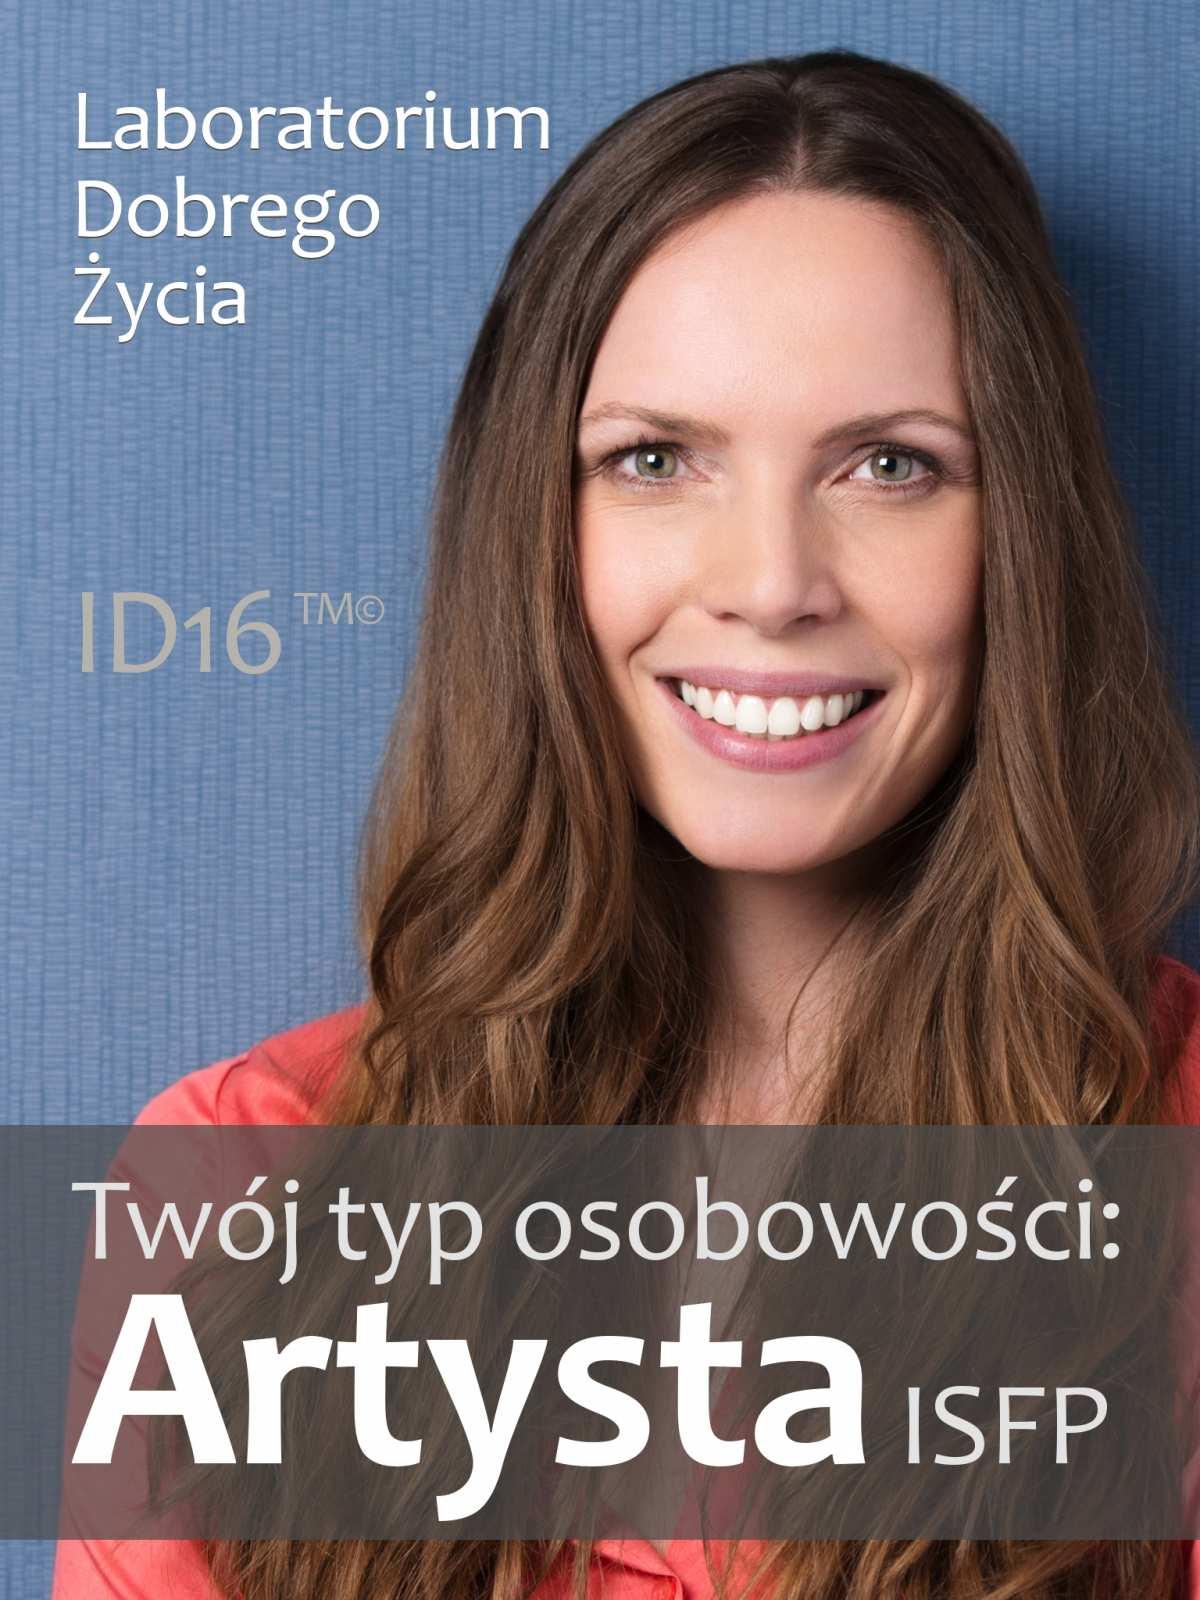 Twój typ osobowości: Artysta (ISFP) - Ebook (Książka EPUB) do pobrania w formacie EPUB